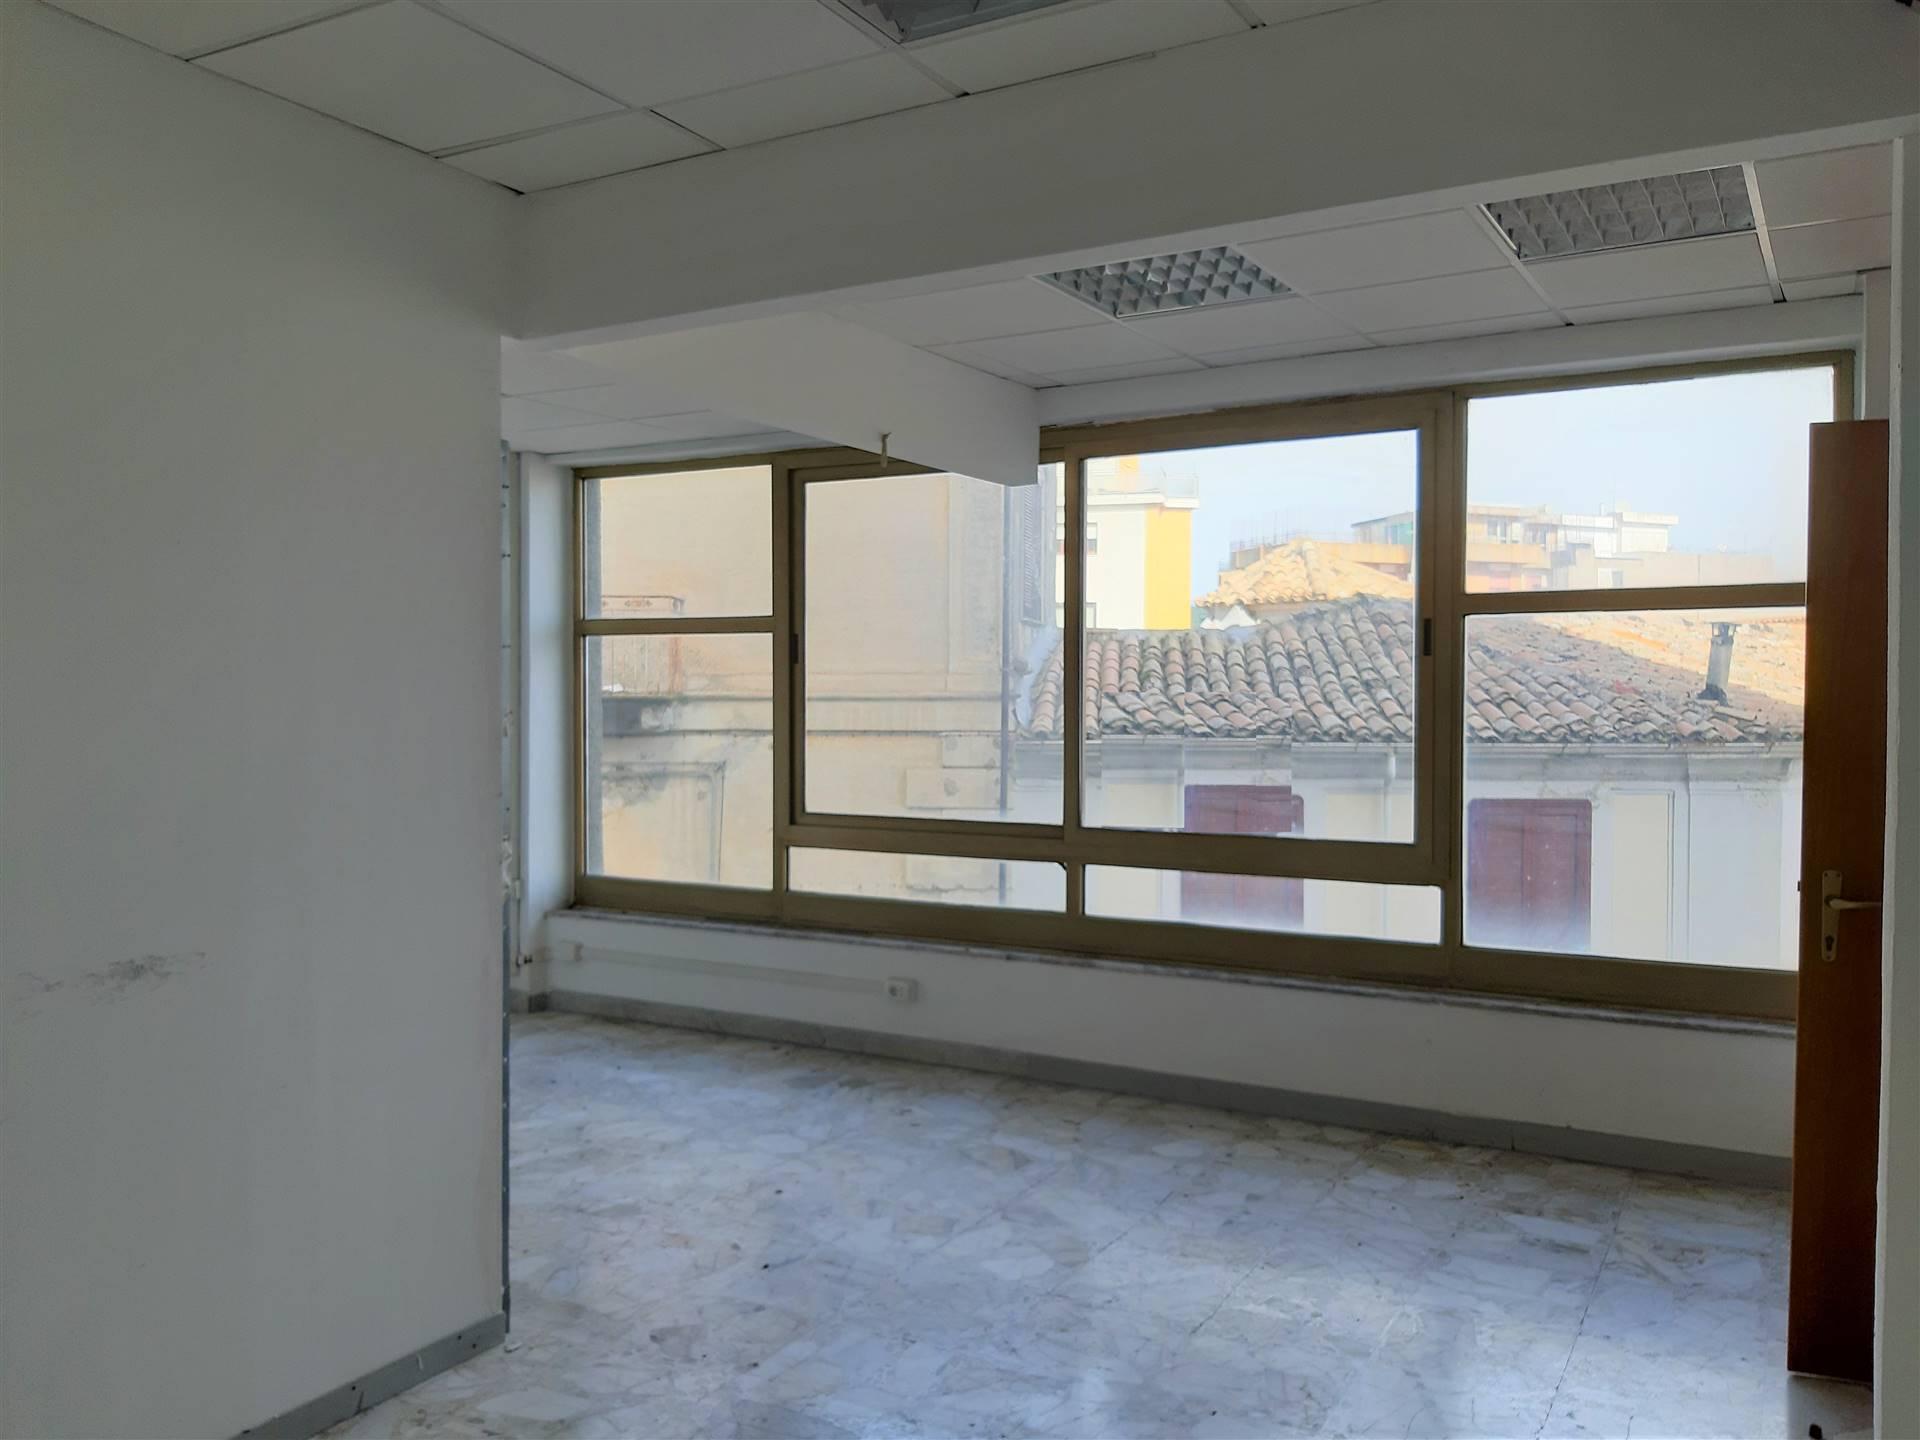 Ufficio / Studio in vendita a Catanzaro, 7 locali, zona Zona: Indipendenza - C.so Mazzini , Trattative riservate | CambioCasa.it